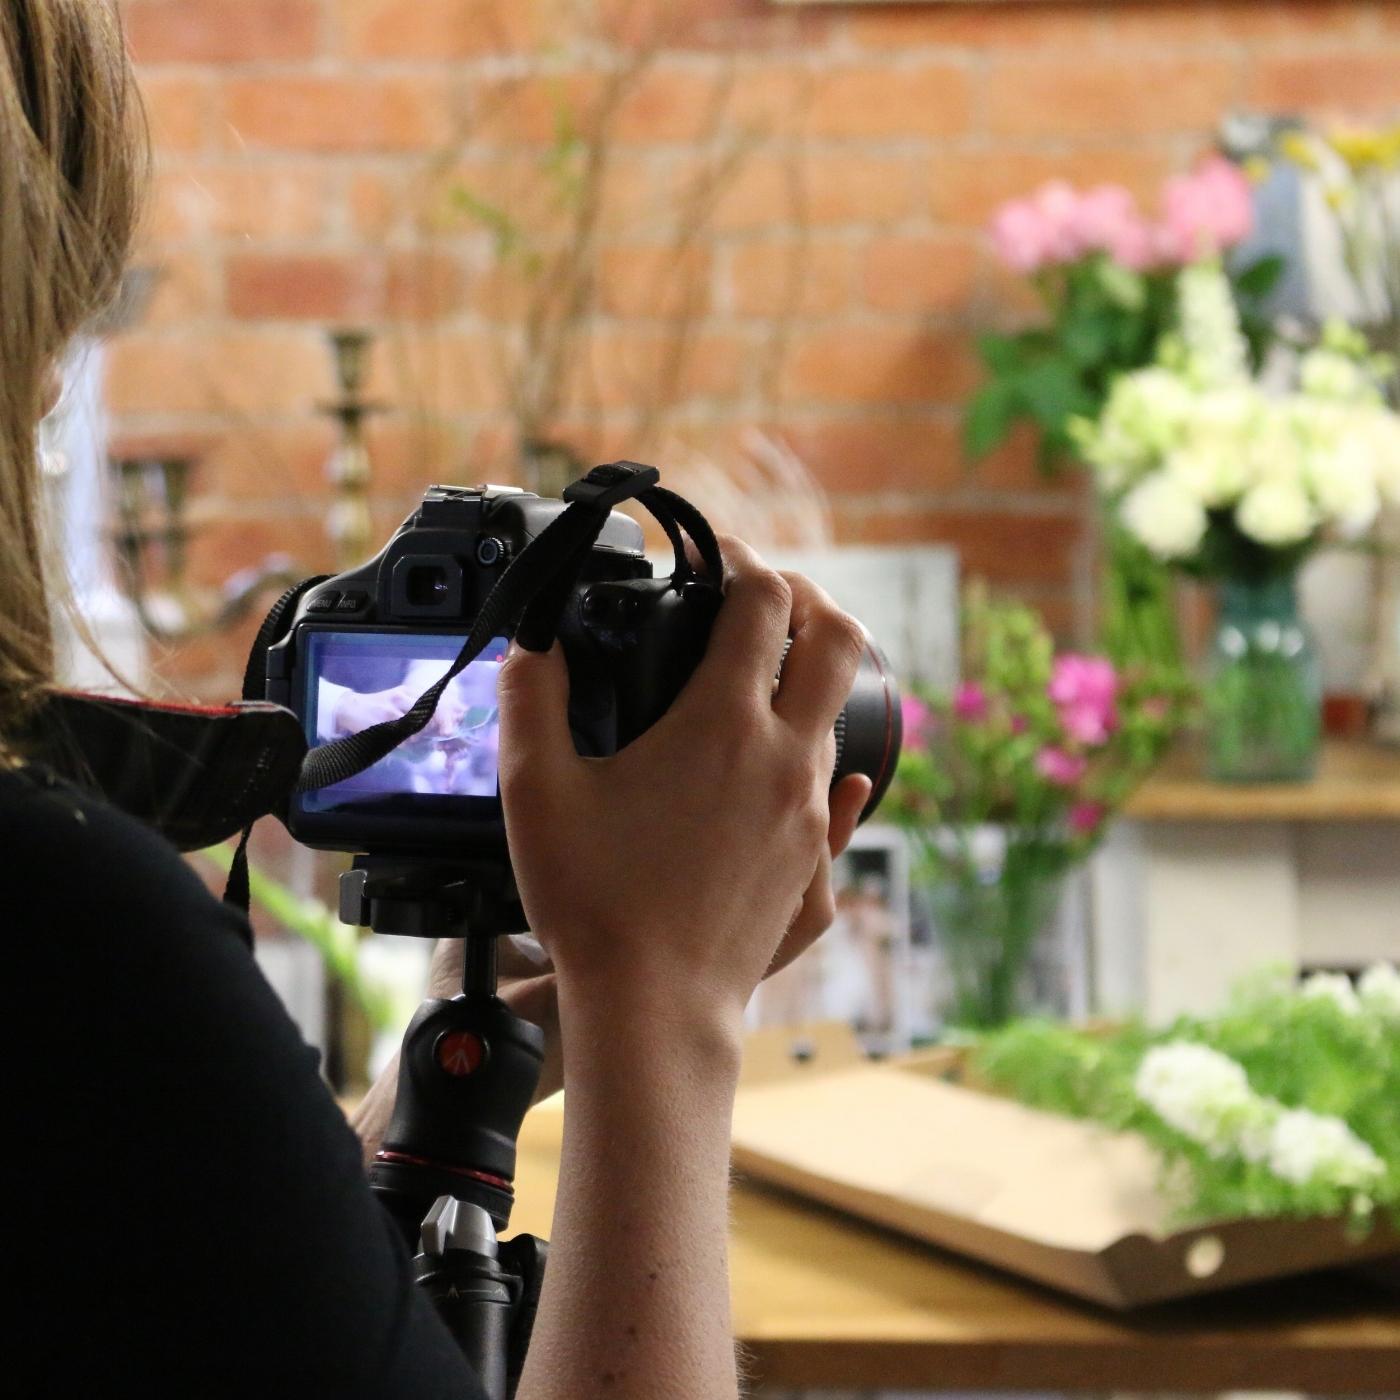 behind the scenes at Tineke flower studio